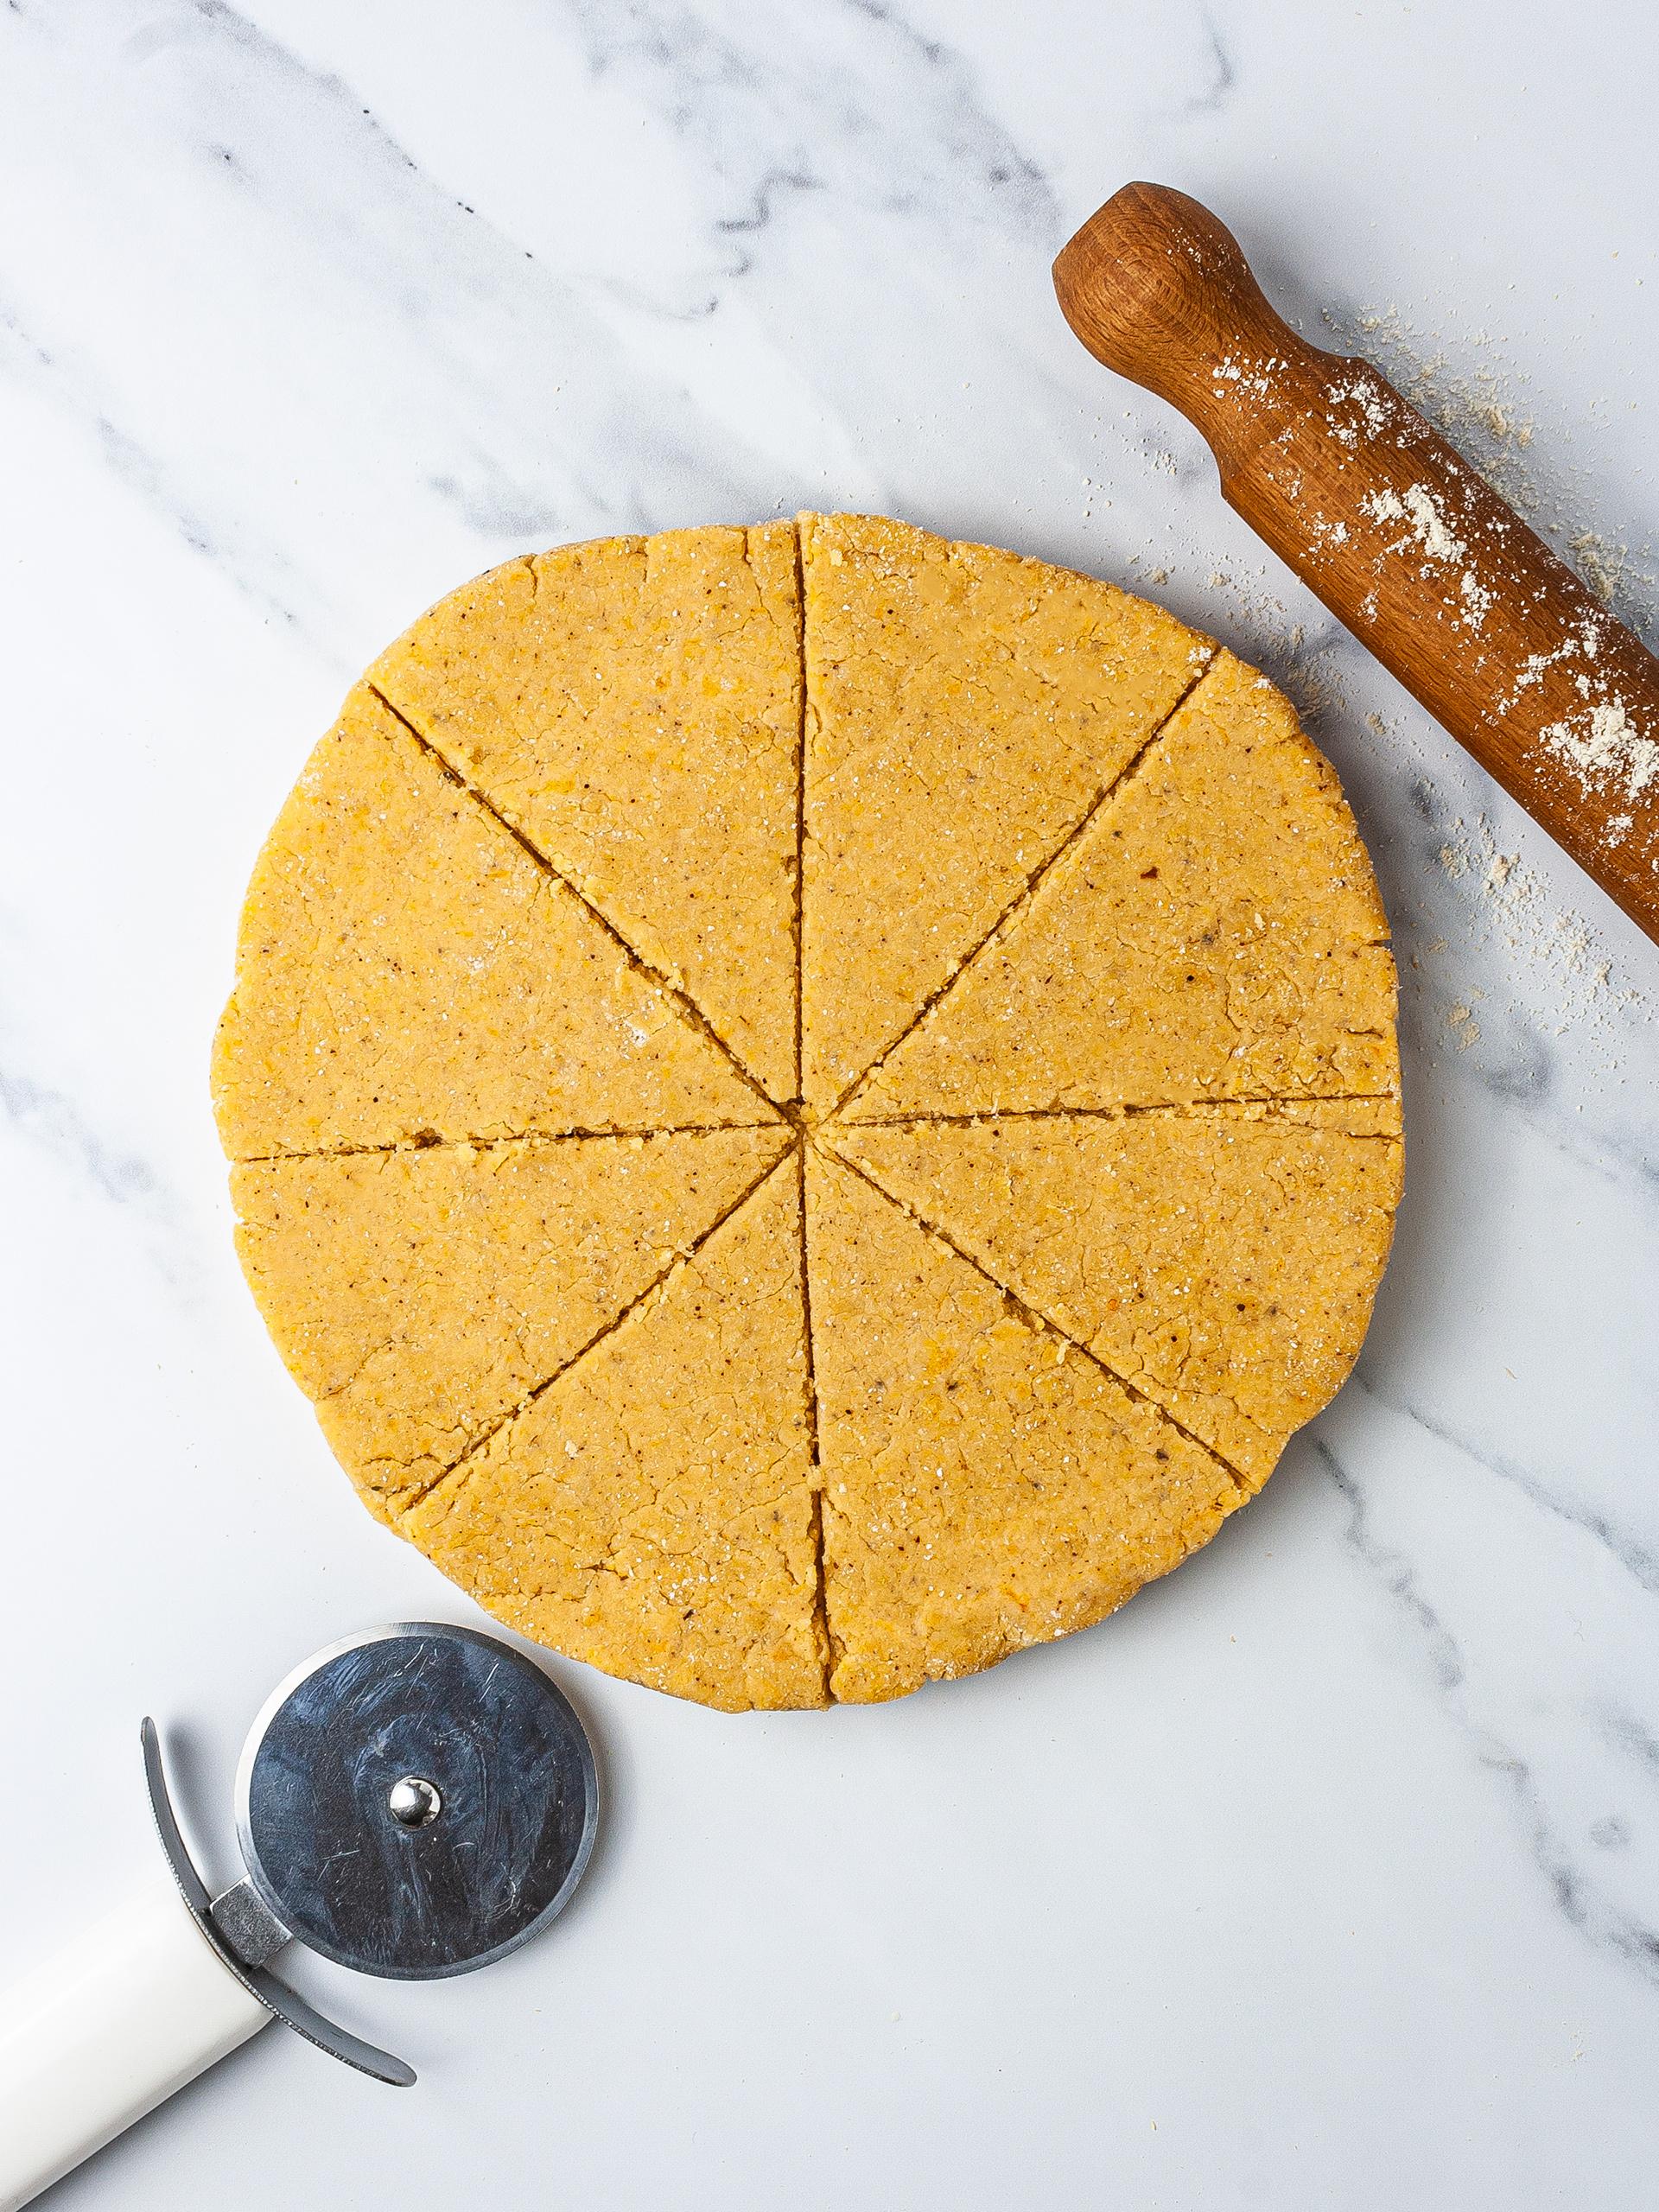 Keto pumpkin scones dough sliced